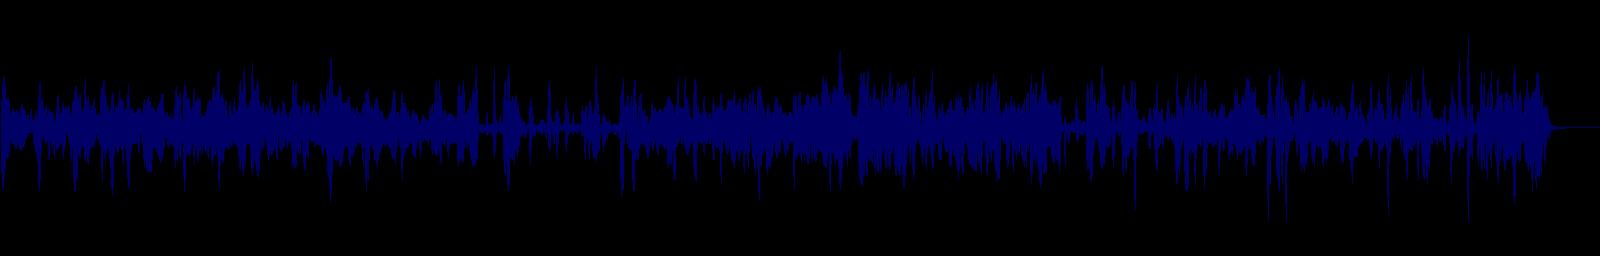 waveform of track #115319